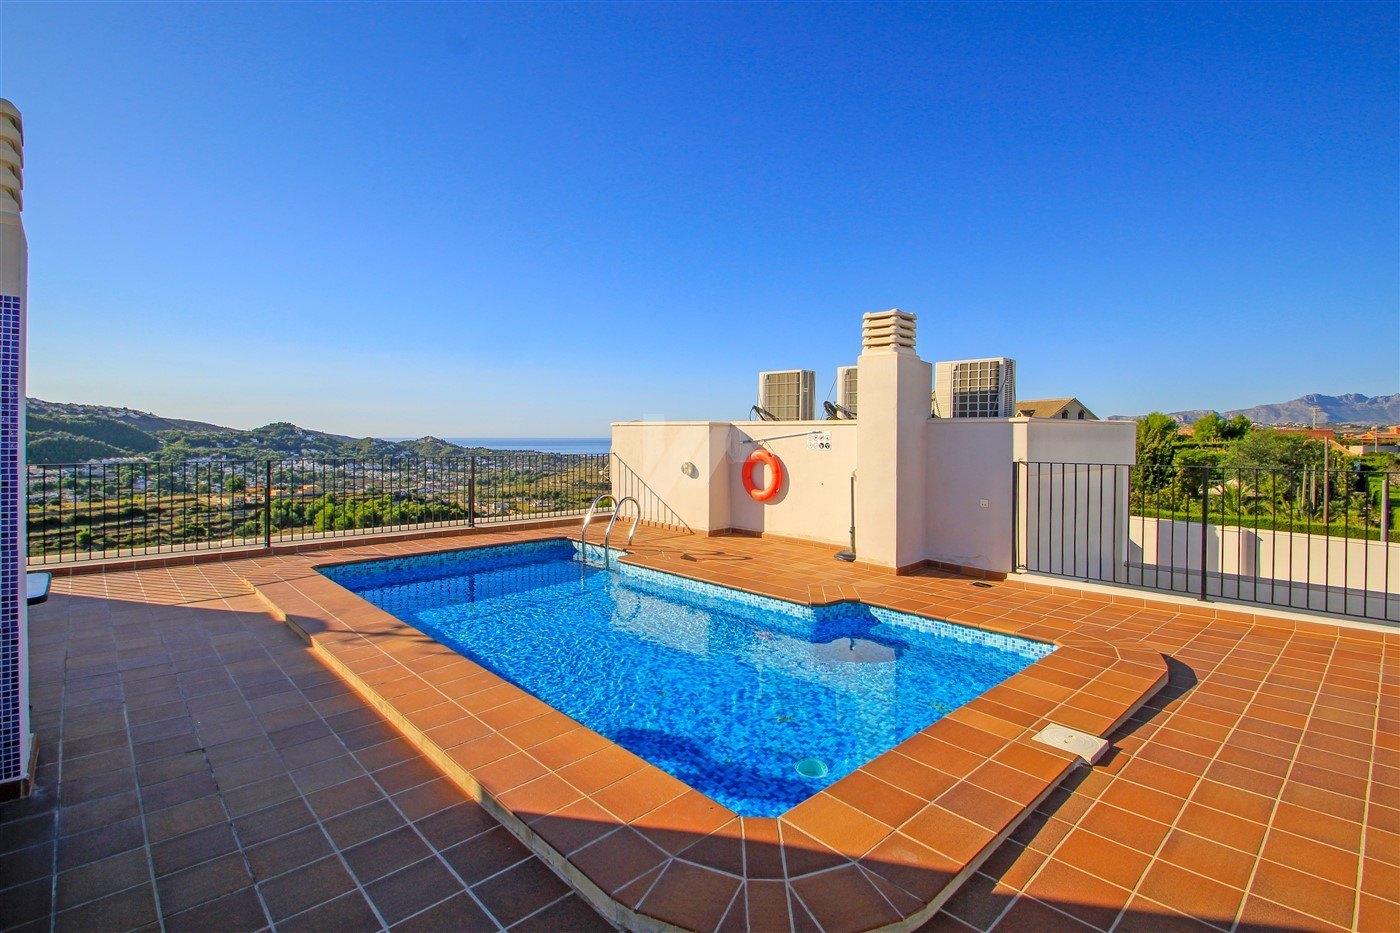 Het uitzicht op zee appartement te koop in Benitachell, Costa Blanca.